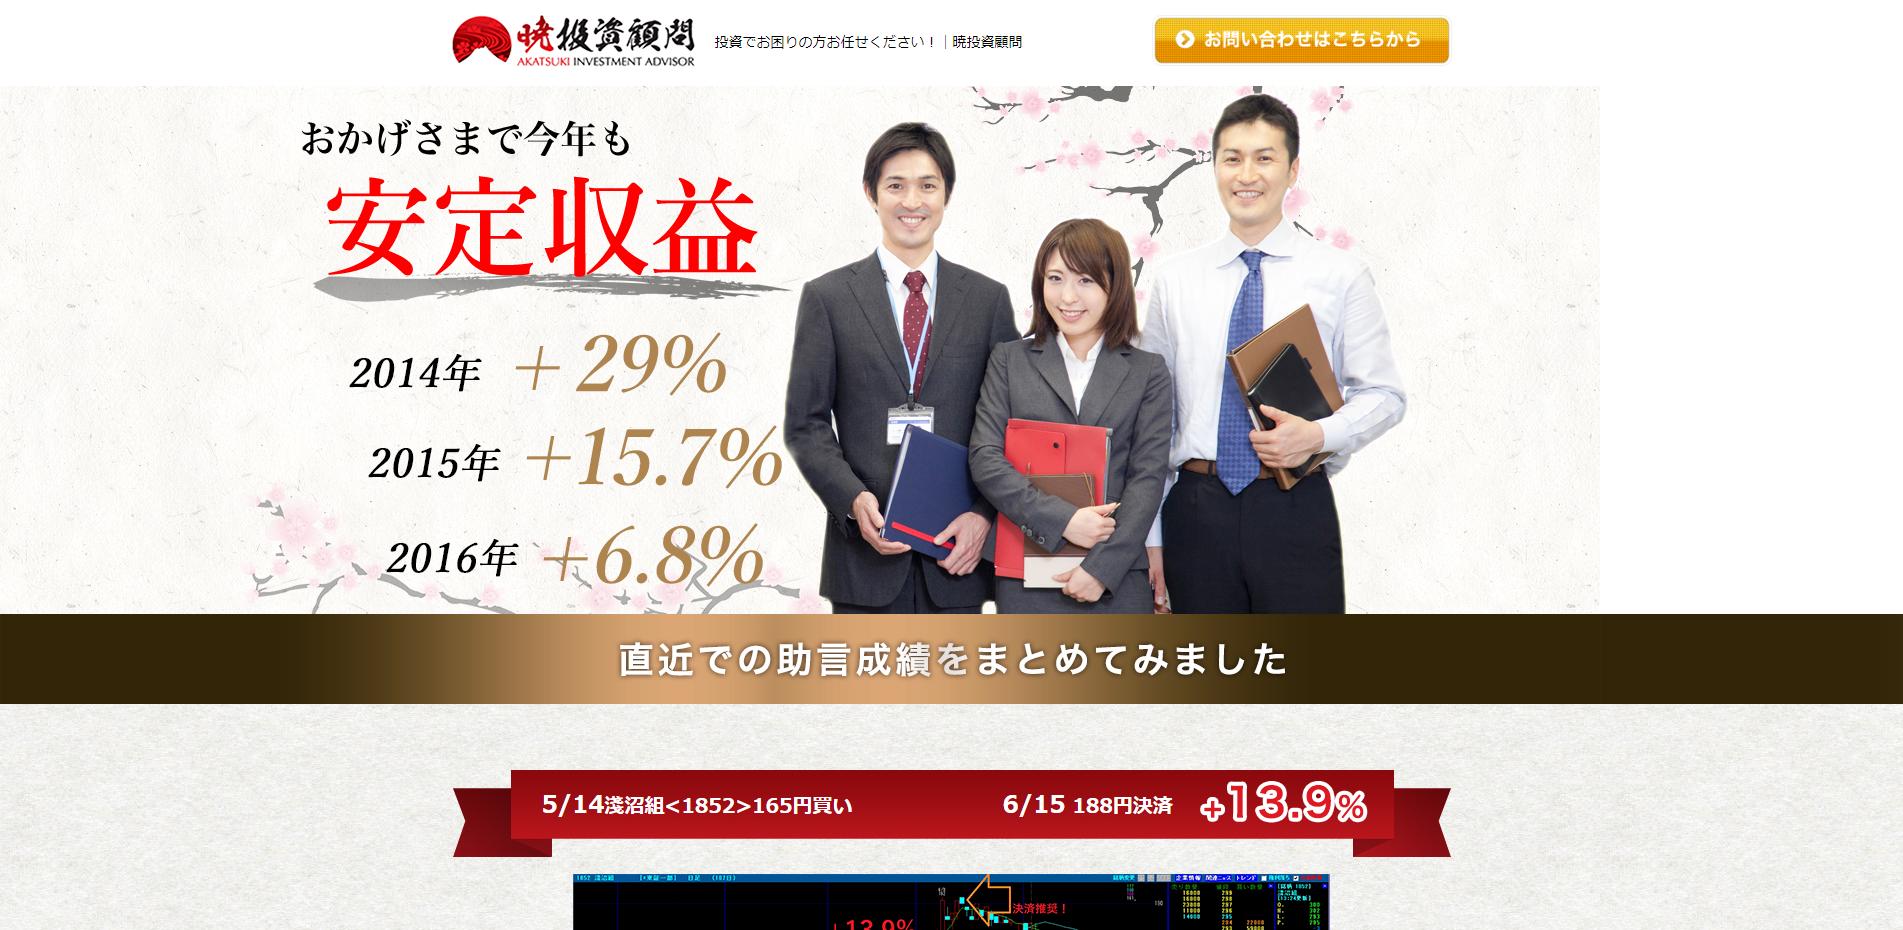 暁投資顧問の口コミ検証 トップページ